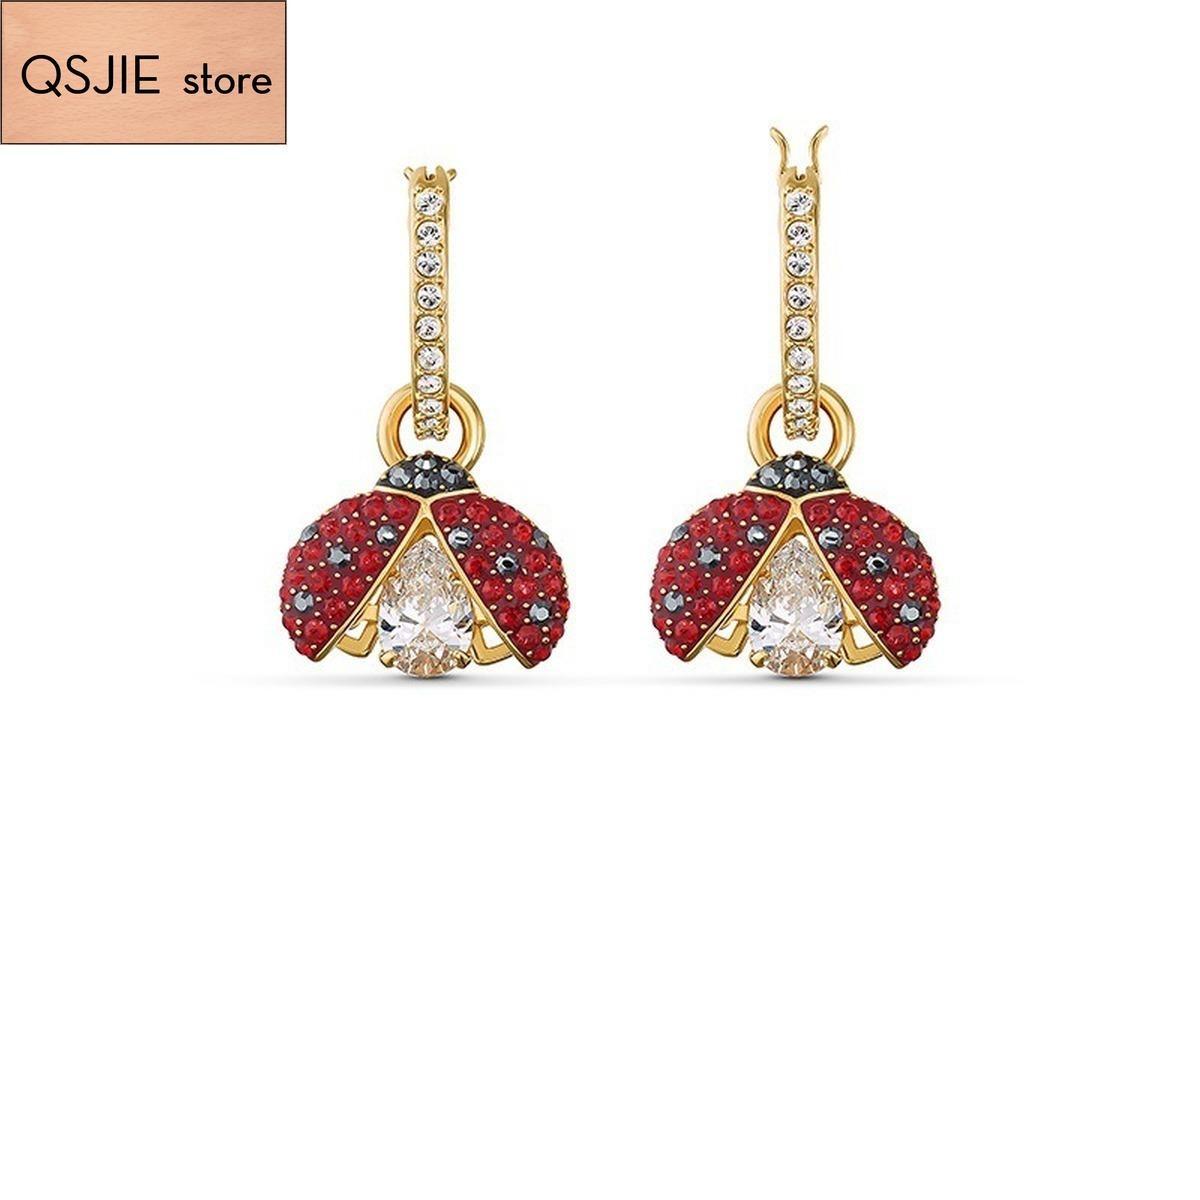 QSJIE Yüksek Kalite SWA Yeni Güzel Altın Yedi Yıldız Ladybug Shining Kalp Küpe Büyüleyici Moda Takı